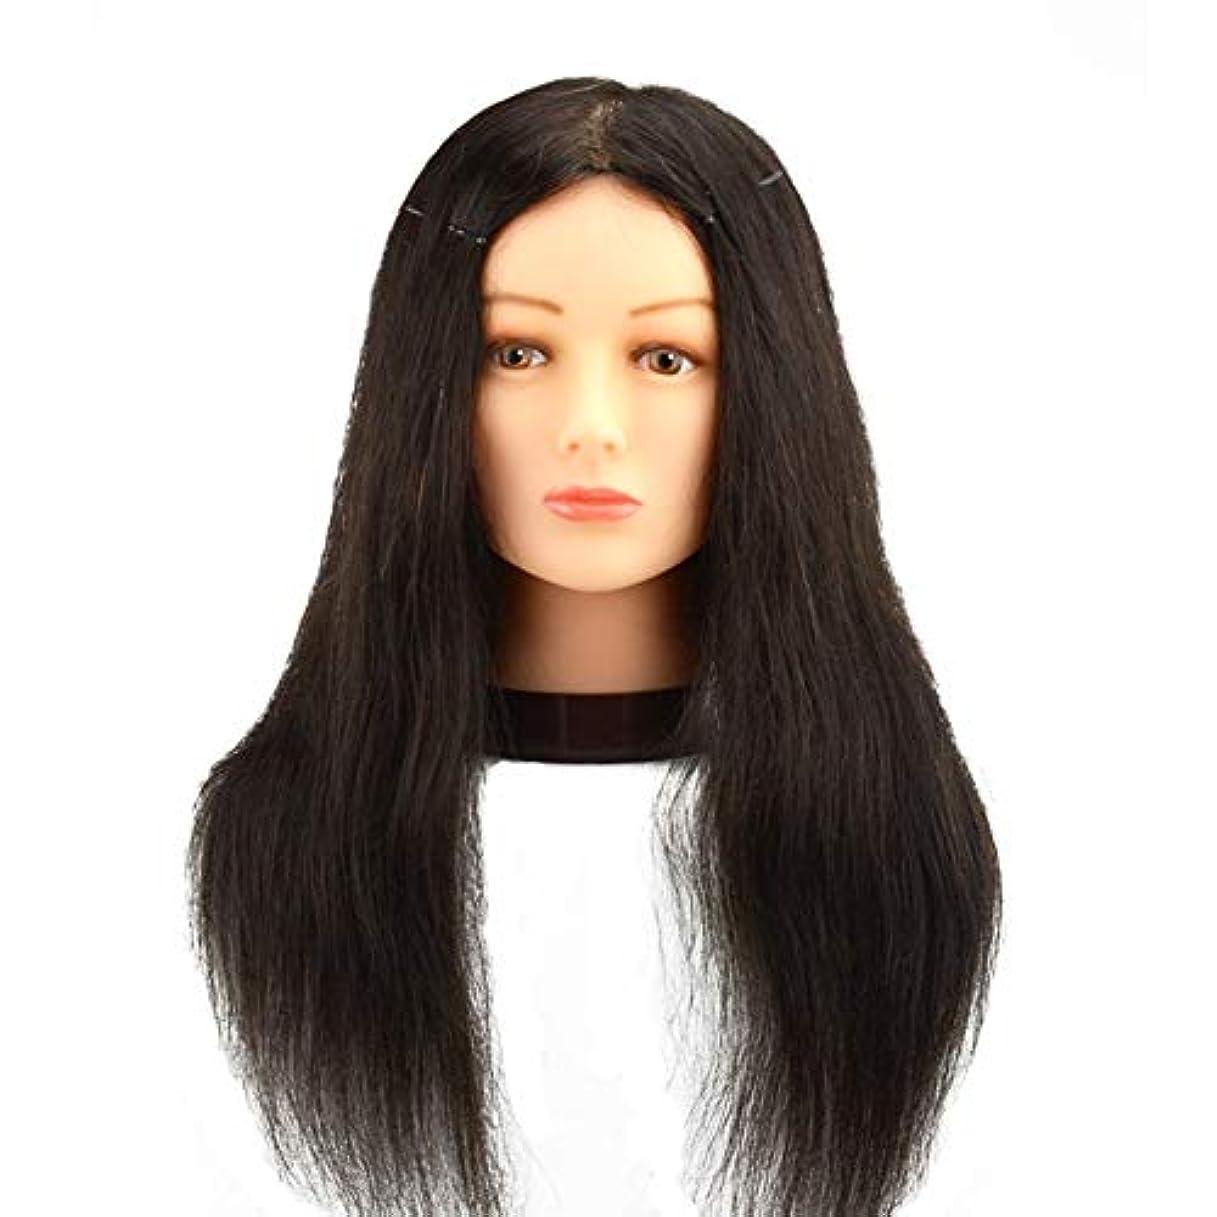 ビスケット砲兵反映する理髪店パーマ髪染め練習かつらヘッドモデルリアルヘアマネキンヘッド化粧散髪練習ダミーヘッド,20inches